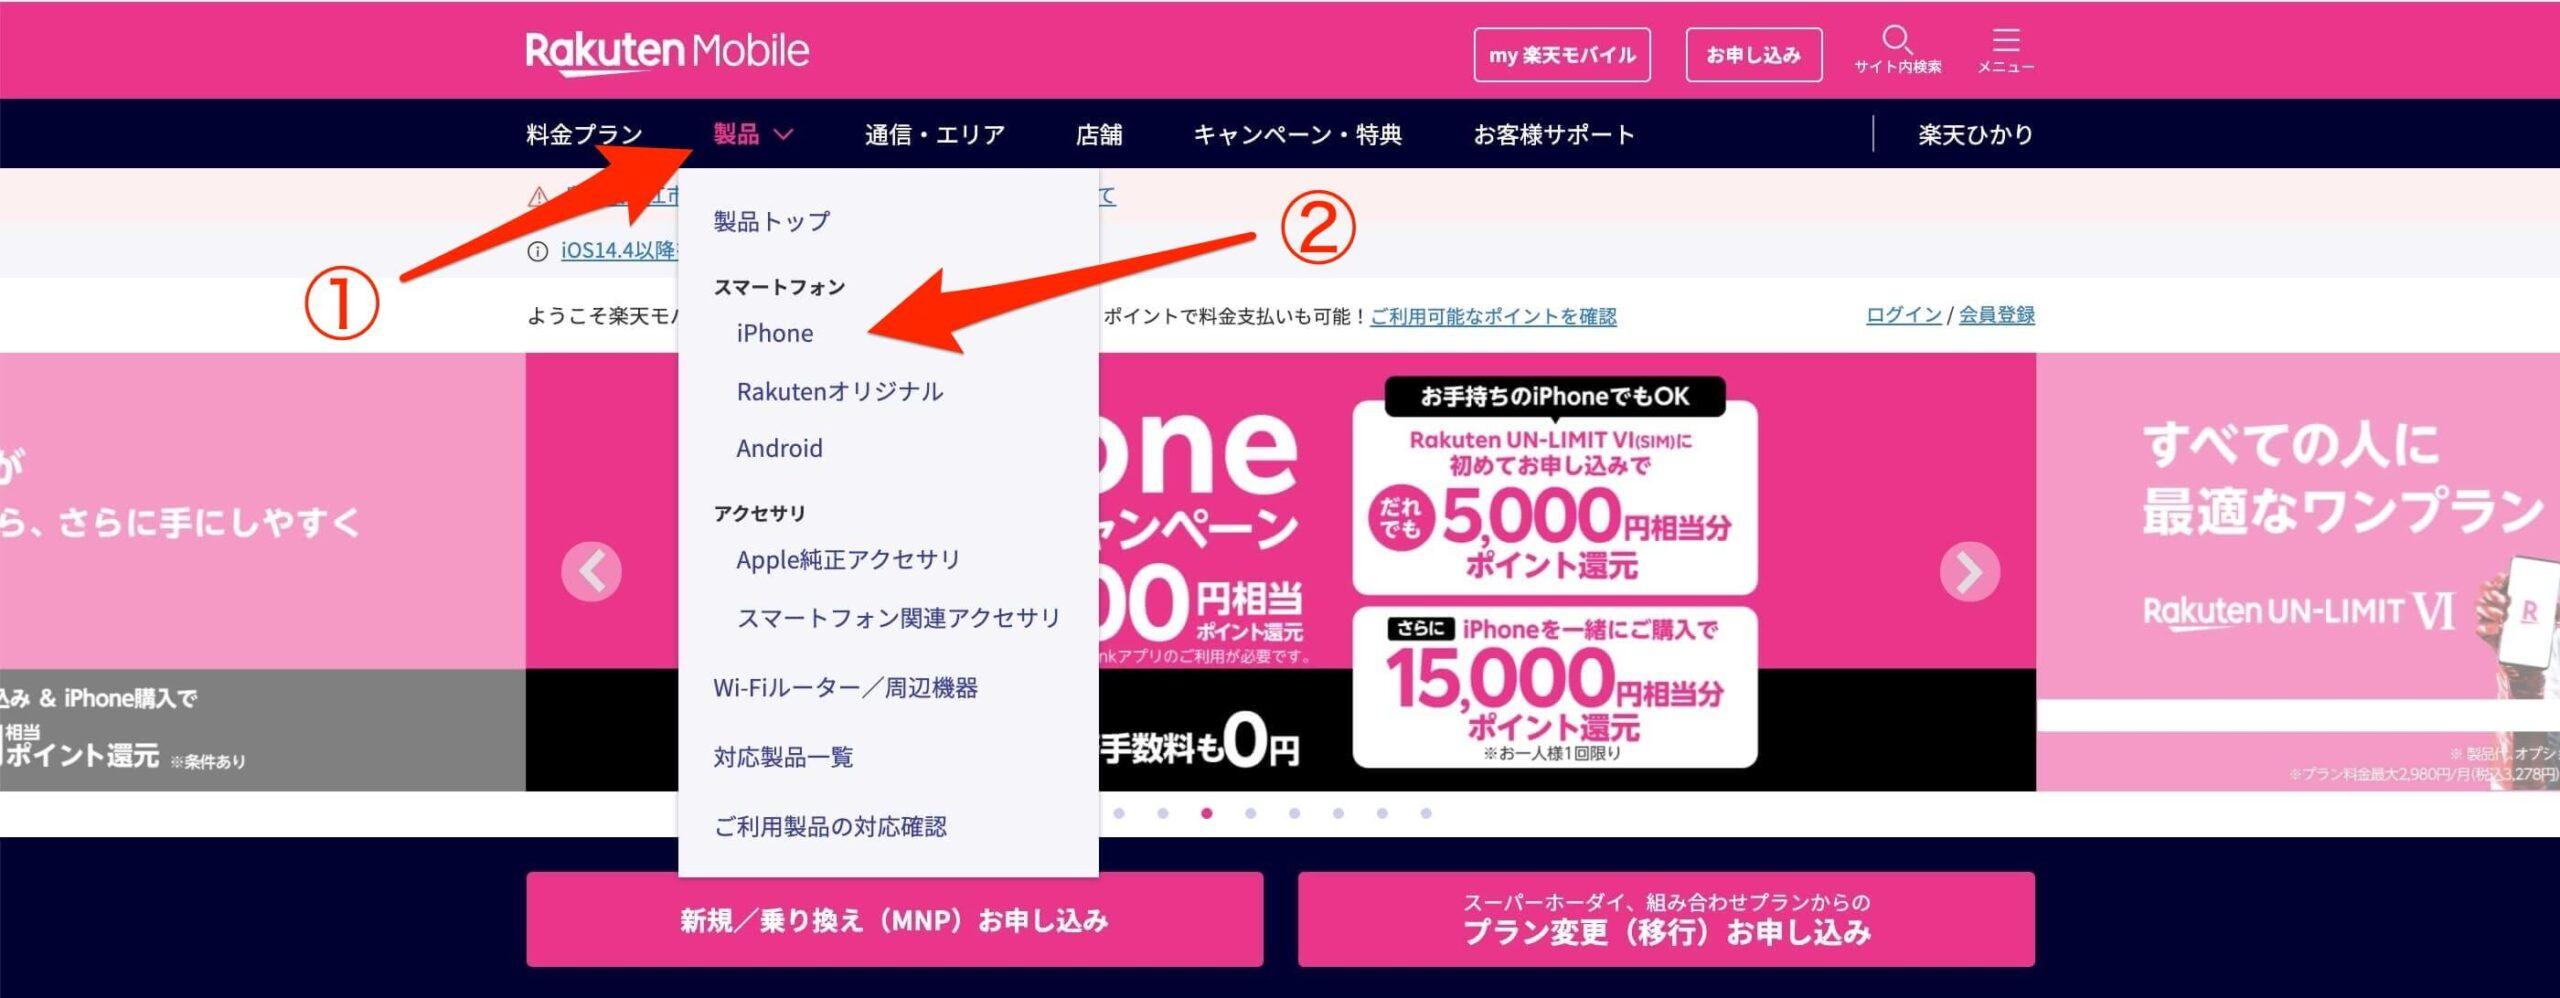 製品からiPhoneを選択